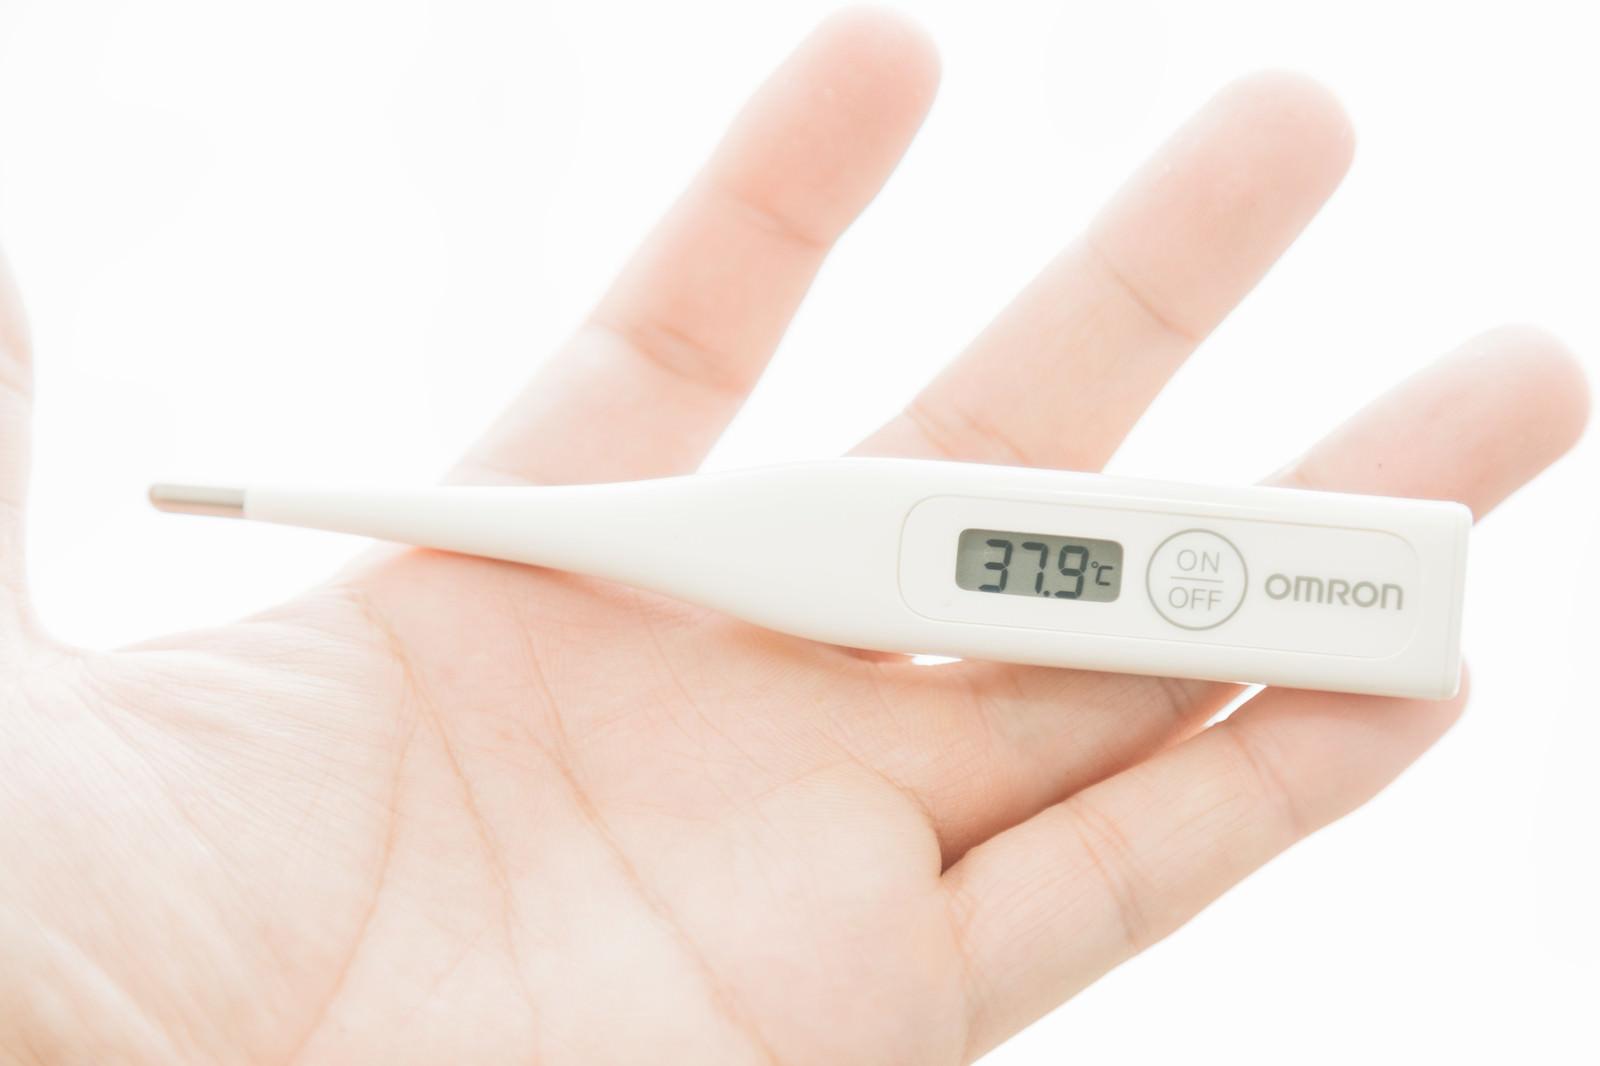 「風邪をひいたので熱を測ったら37.9℃」の写真